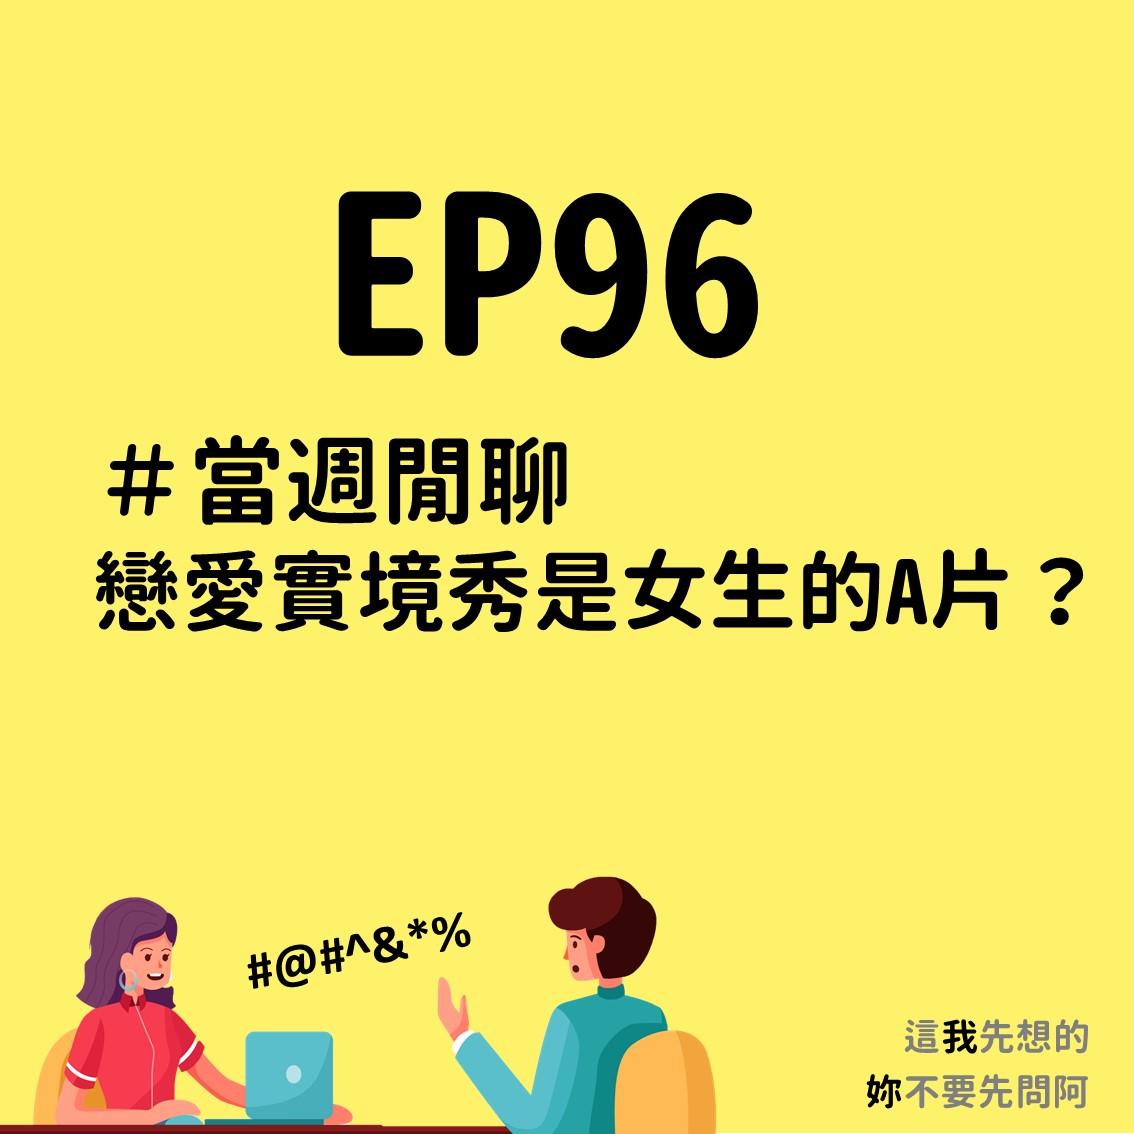 EP96 當週閒聊|戀愛實境秀是女生的A片?